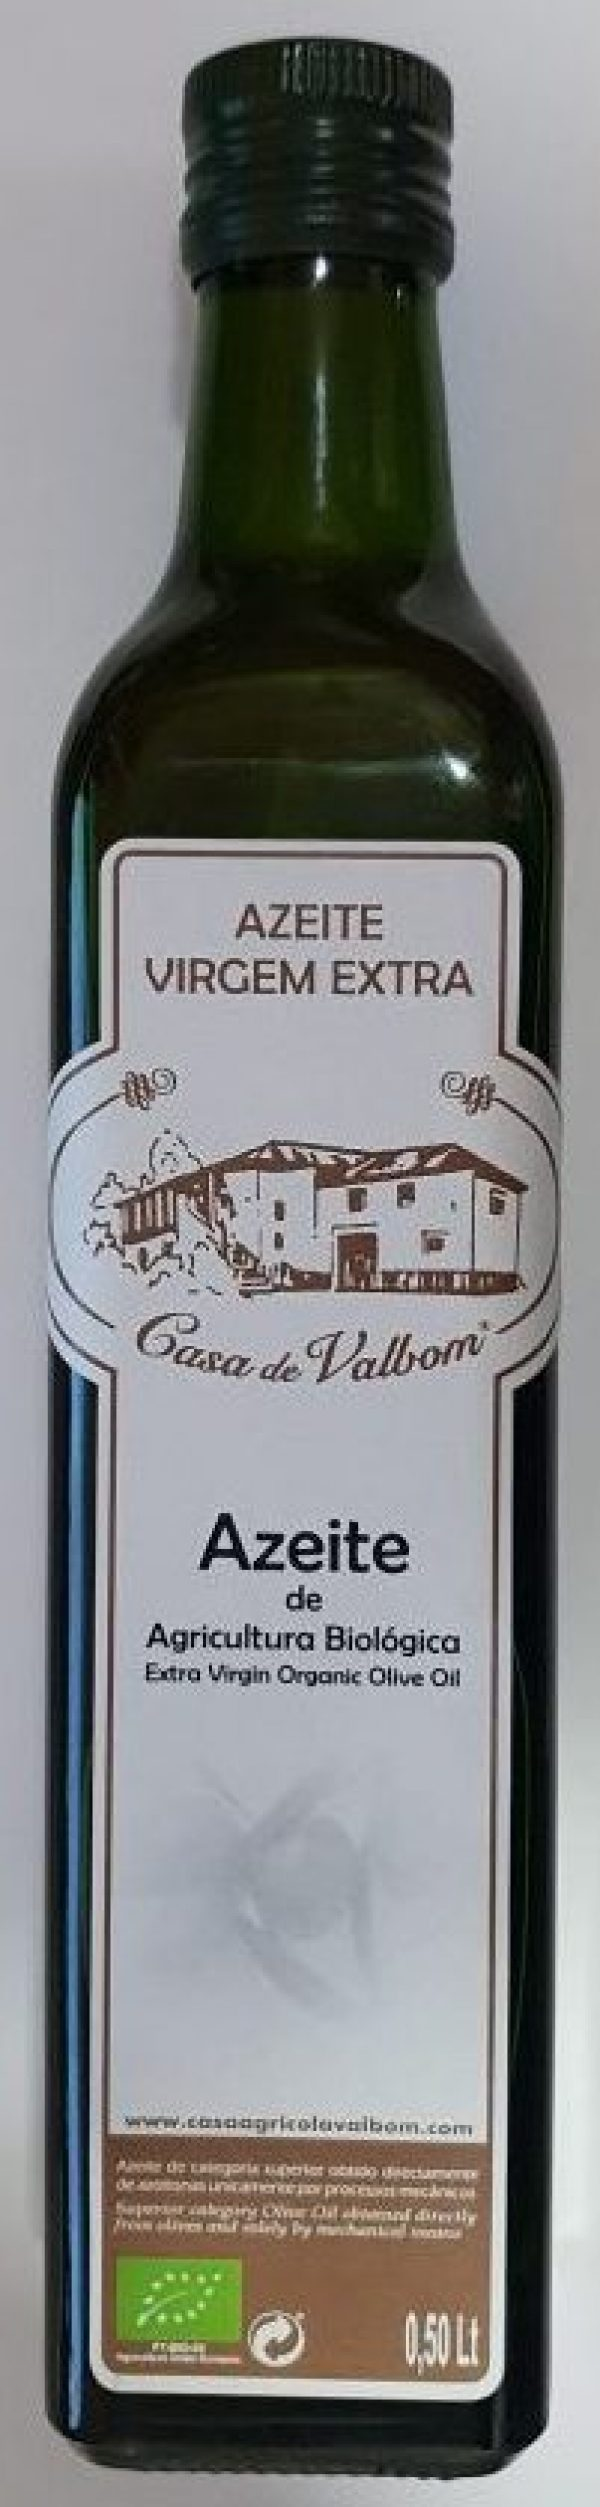 AZEITE VIRGEM EXTRA BIO 0,50LT CASA DE VALBOM